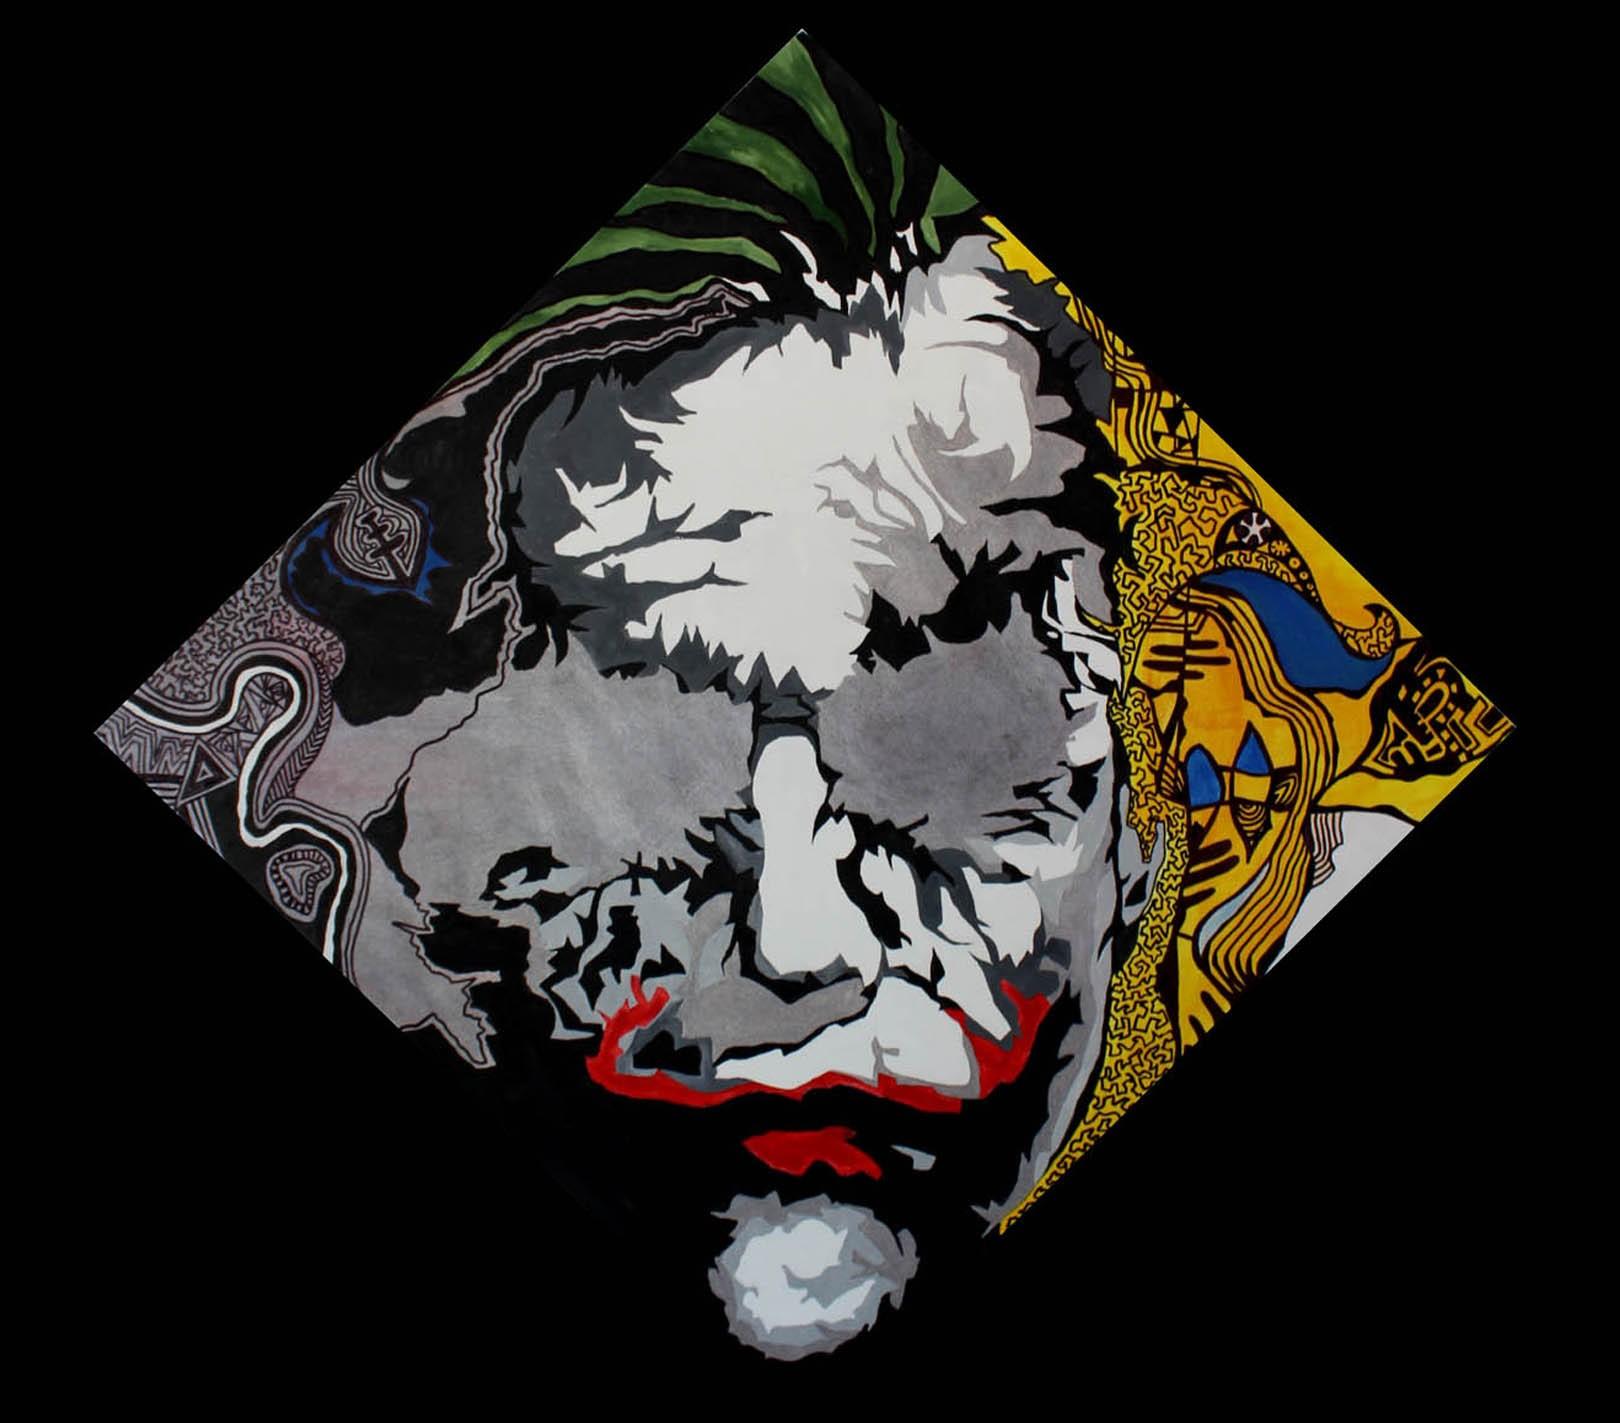 Joker by Amal Samaramanna